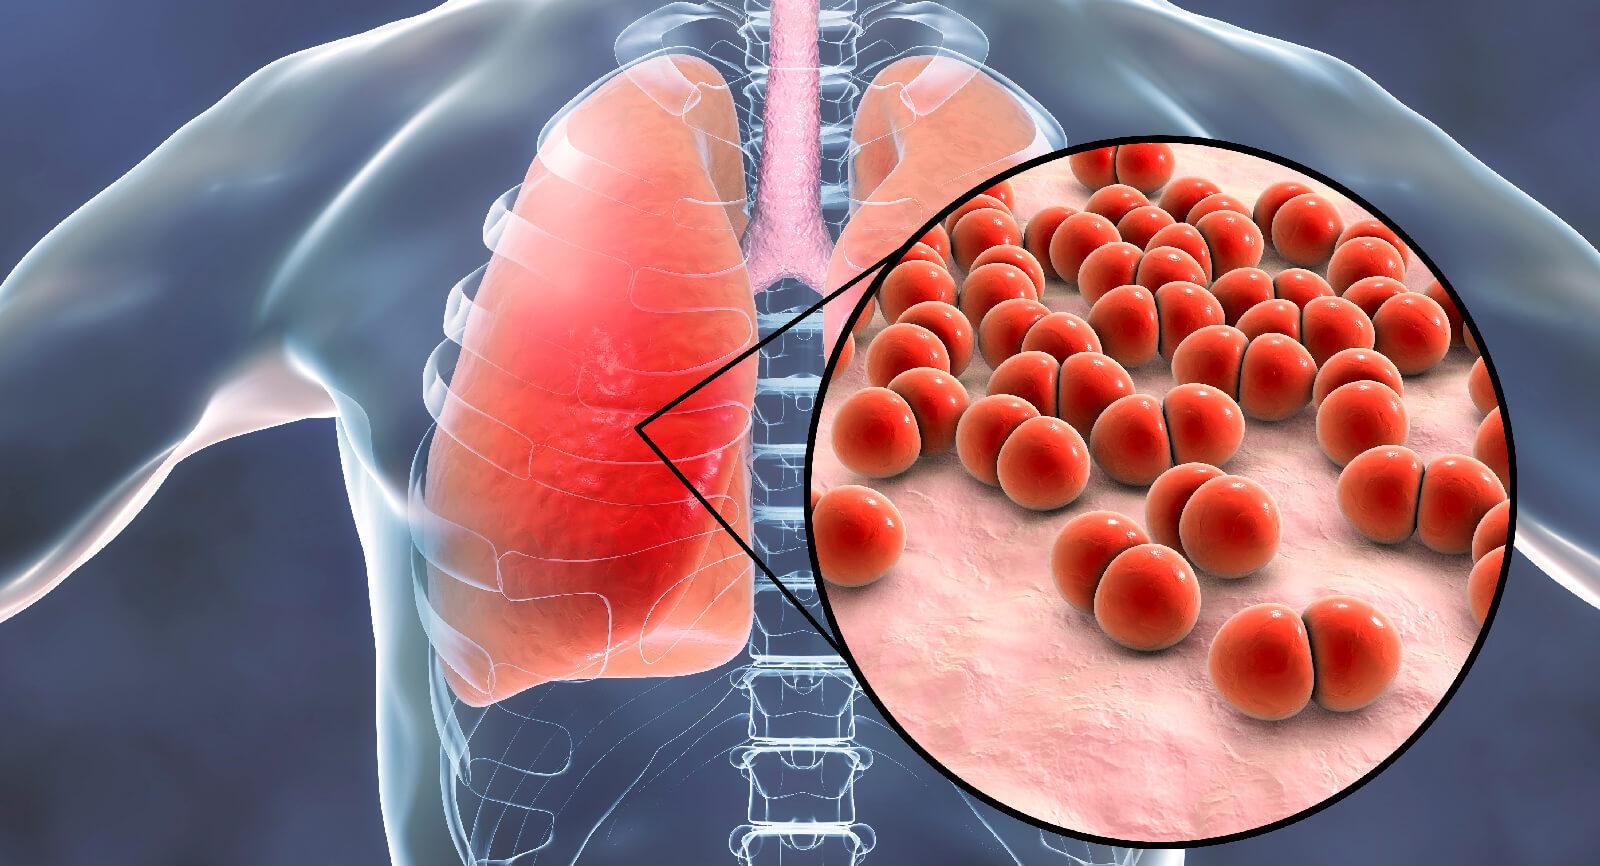 Ventilator Pneumonia